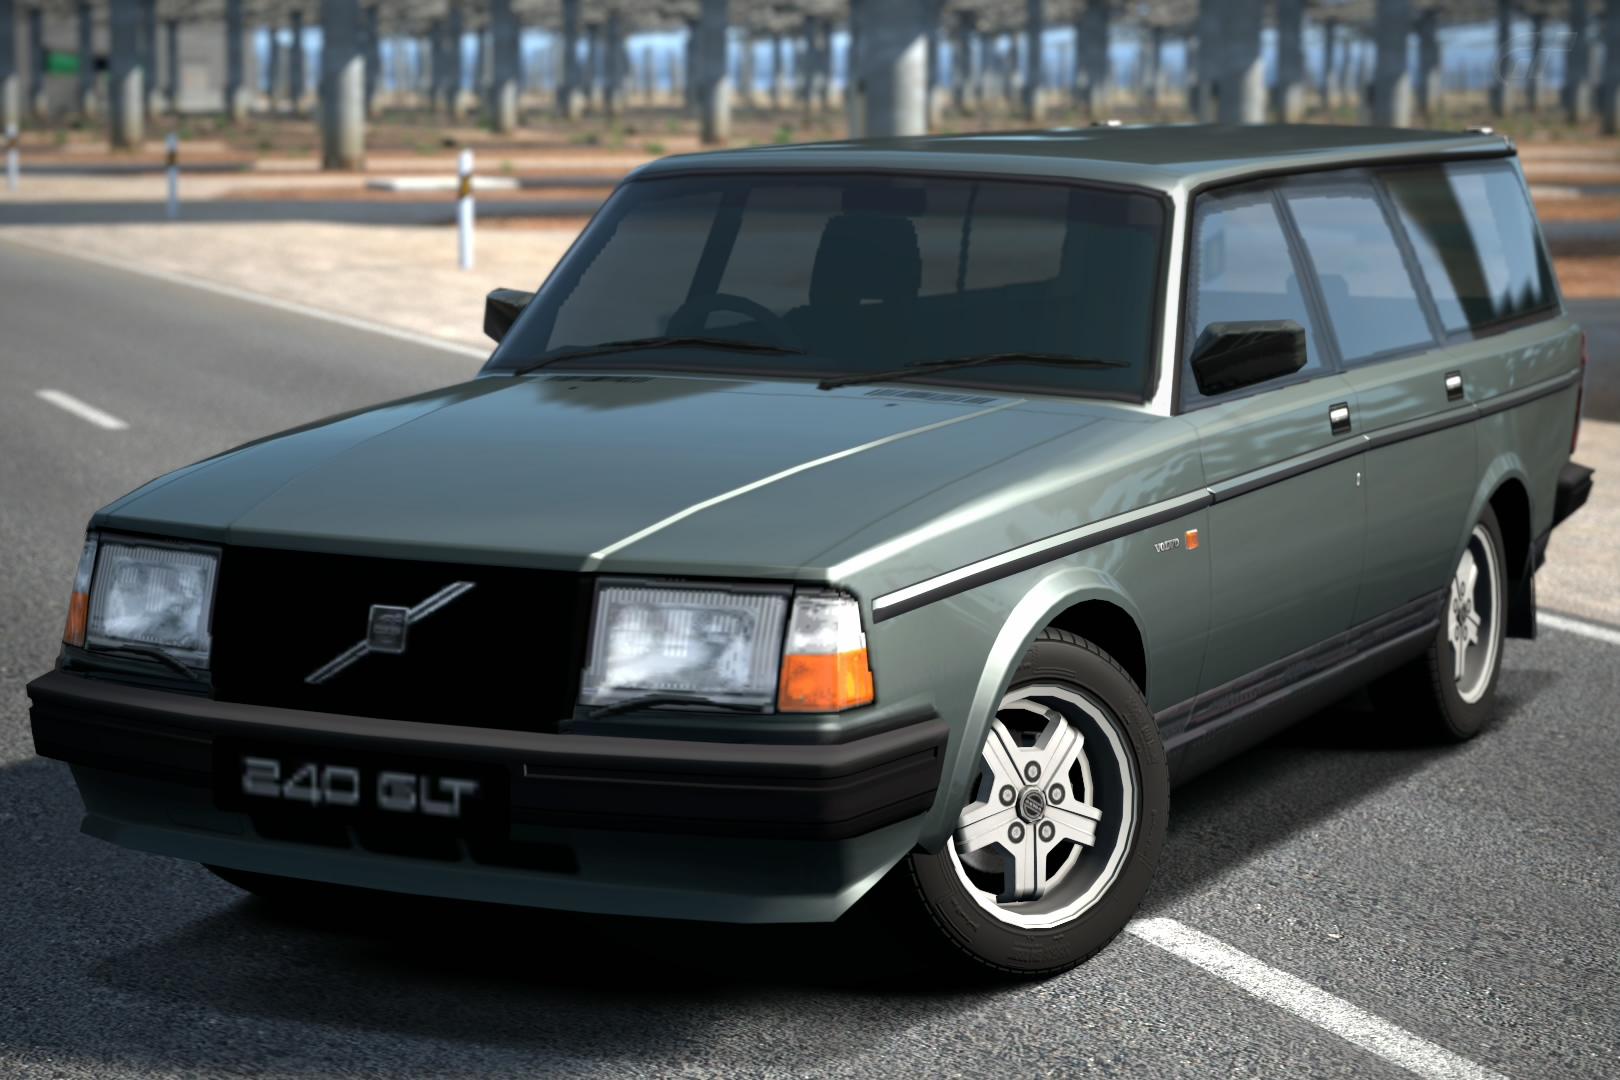 Volvo 240 Glt Estate 88 Gran Turismo Wiki Fandom